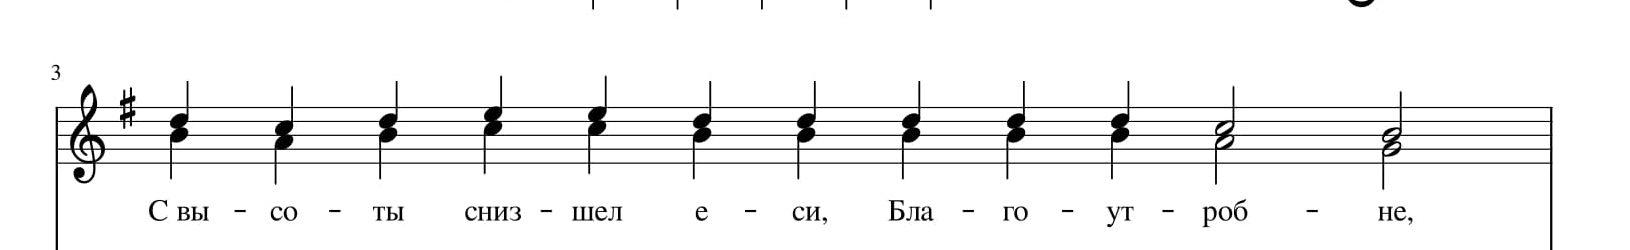 Тропарь воскресный 8 глас валаамский